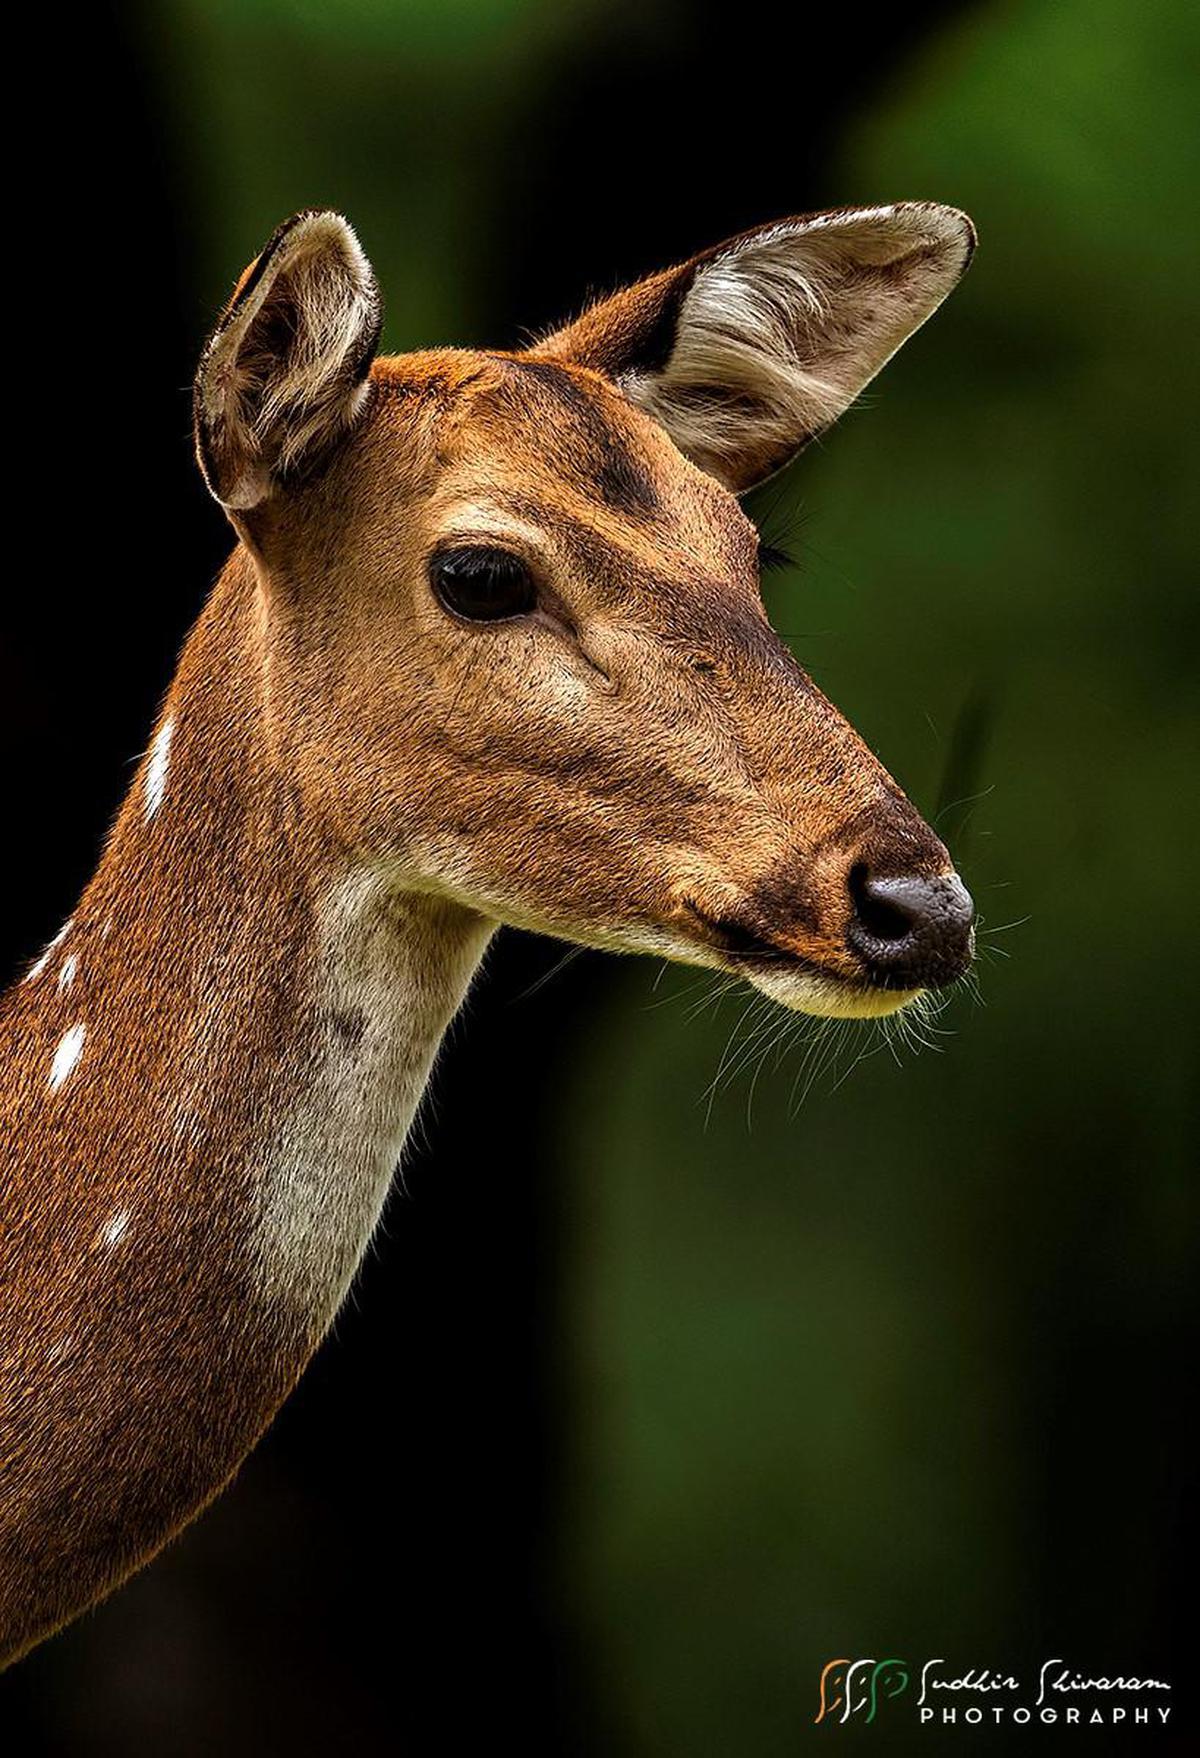 Image of Vertebrate, Wildlife, Mammal, Deer, Terrestrial animal, White-tailed deer etc.